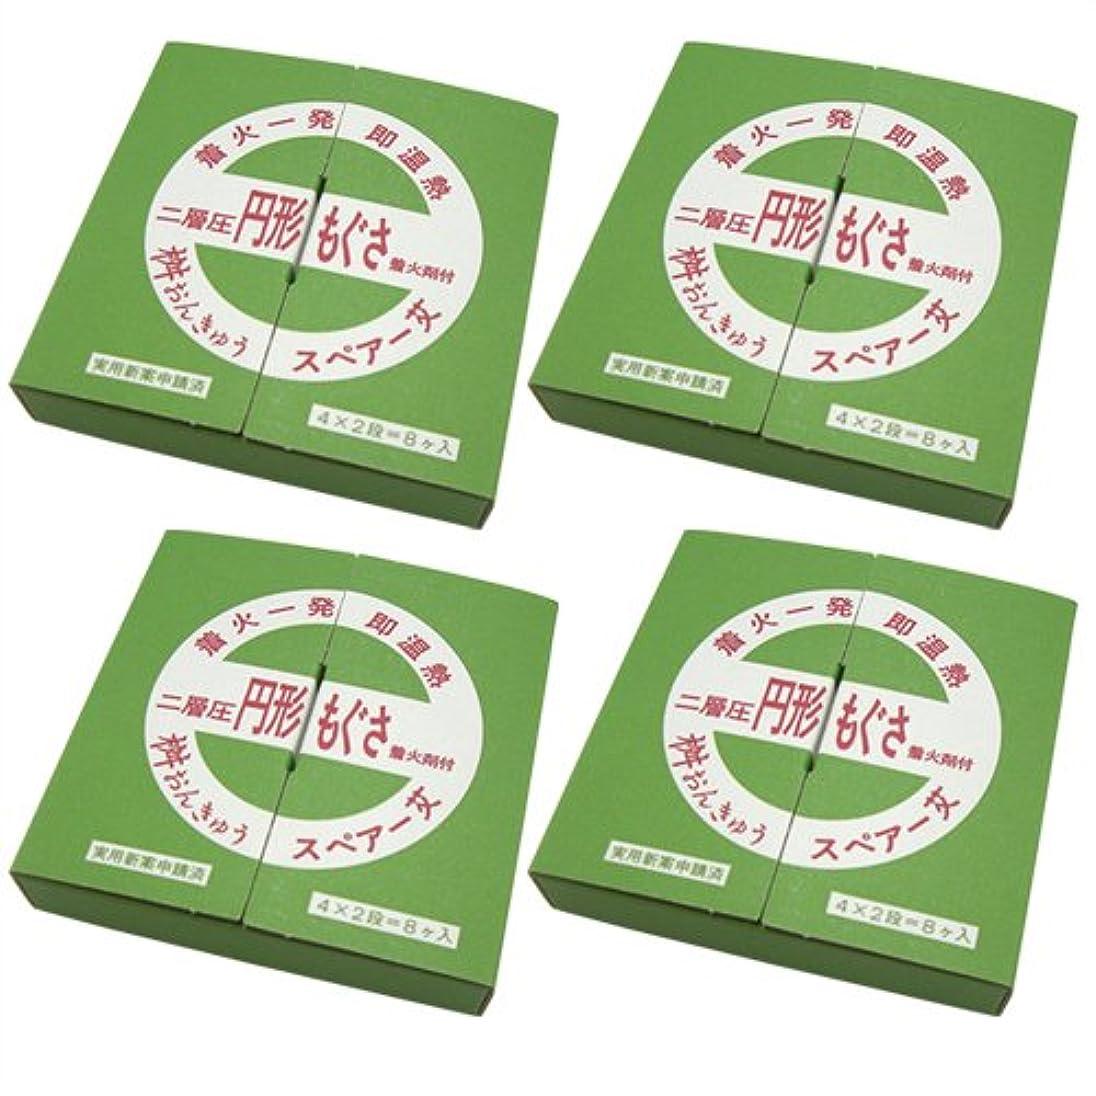 マインドフル目的汗桝おんきゅう用スペアもぐさ 二層圧 円形もぐさ (8ケ) ×4箱セット